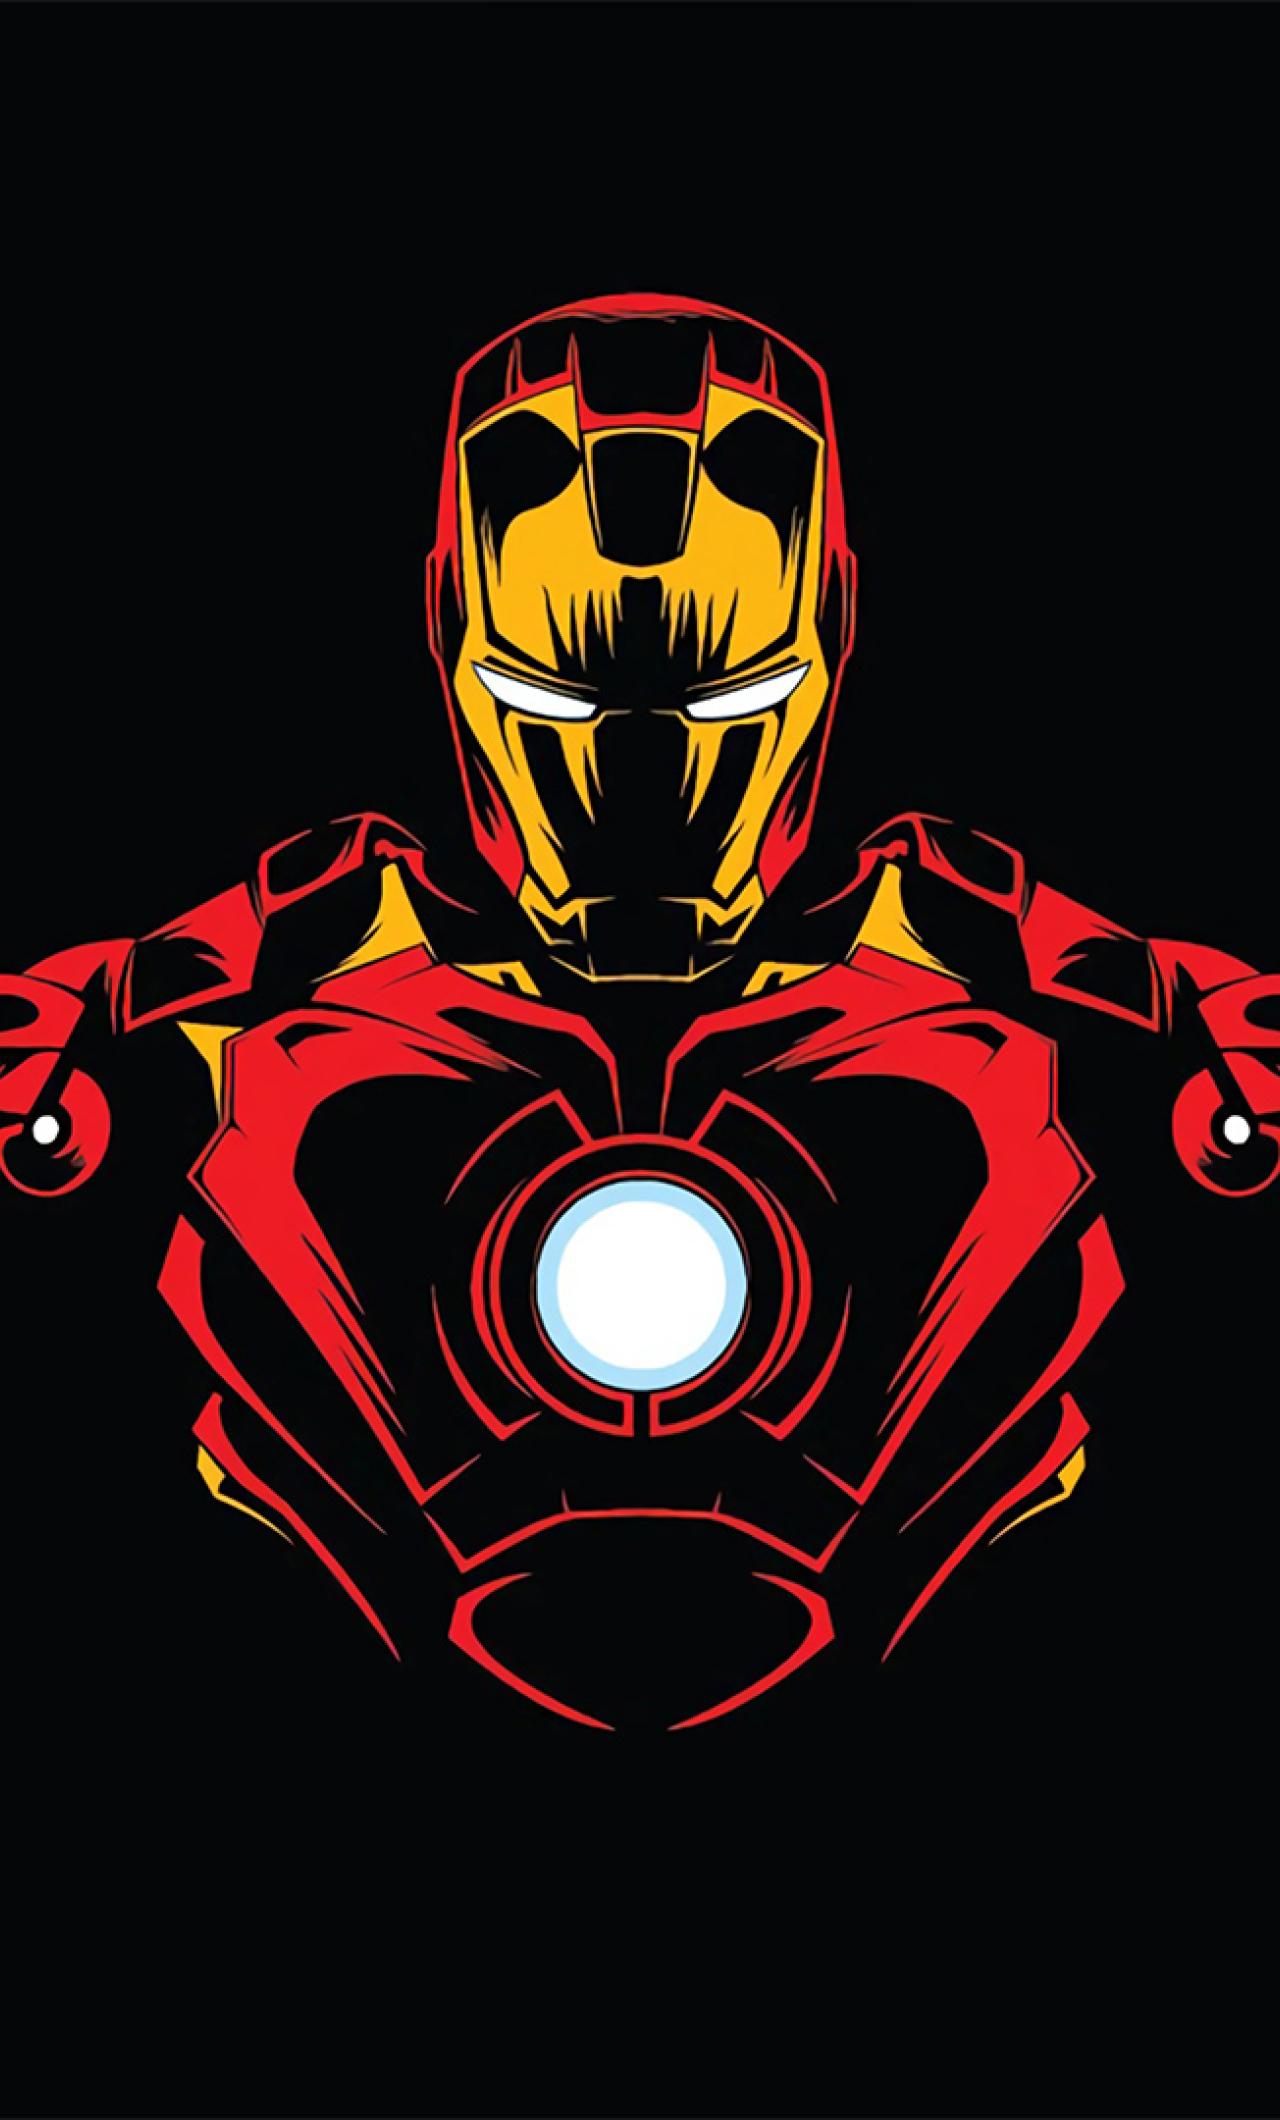 1280x2120 Iron Man Minimalist iPhone 6 plus Wallpaper, HD ...